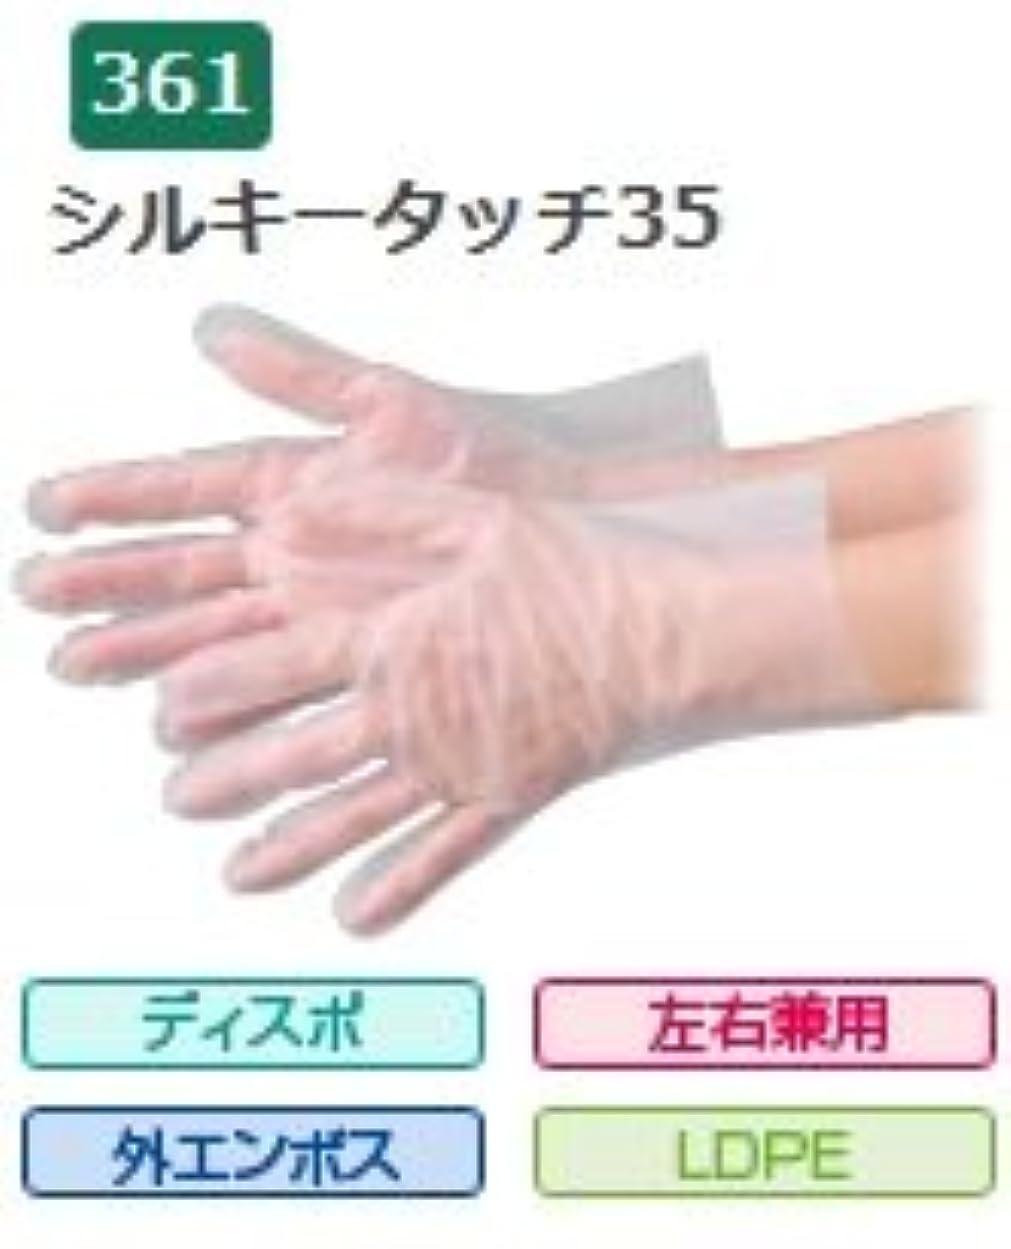 ピュー数学者王女エブノ ポリエチレン手袋 No.361 M 半透明 (100枚×50箱) シルキータッチ35 箱入